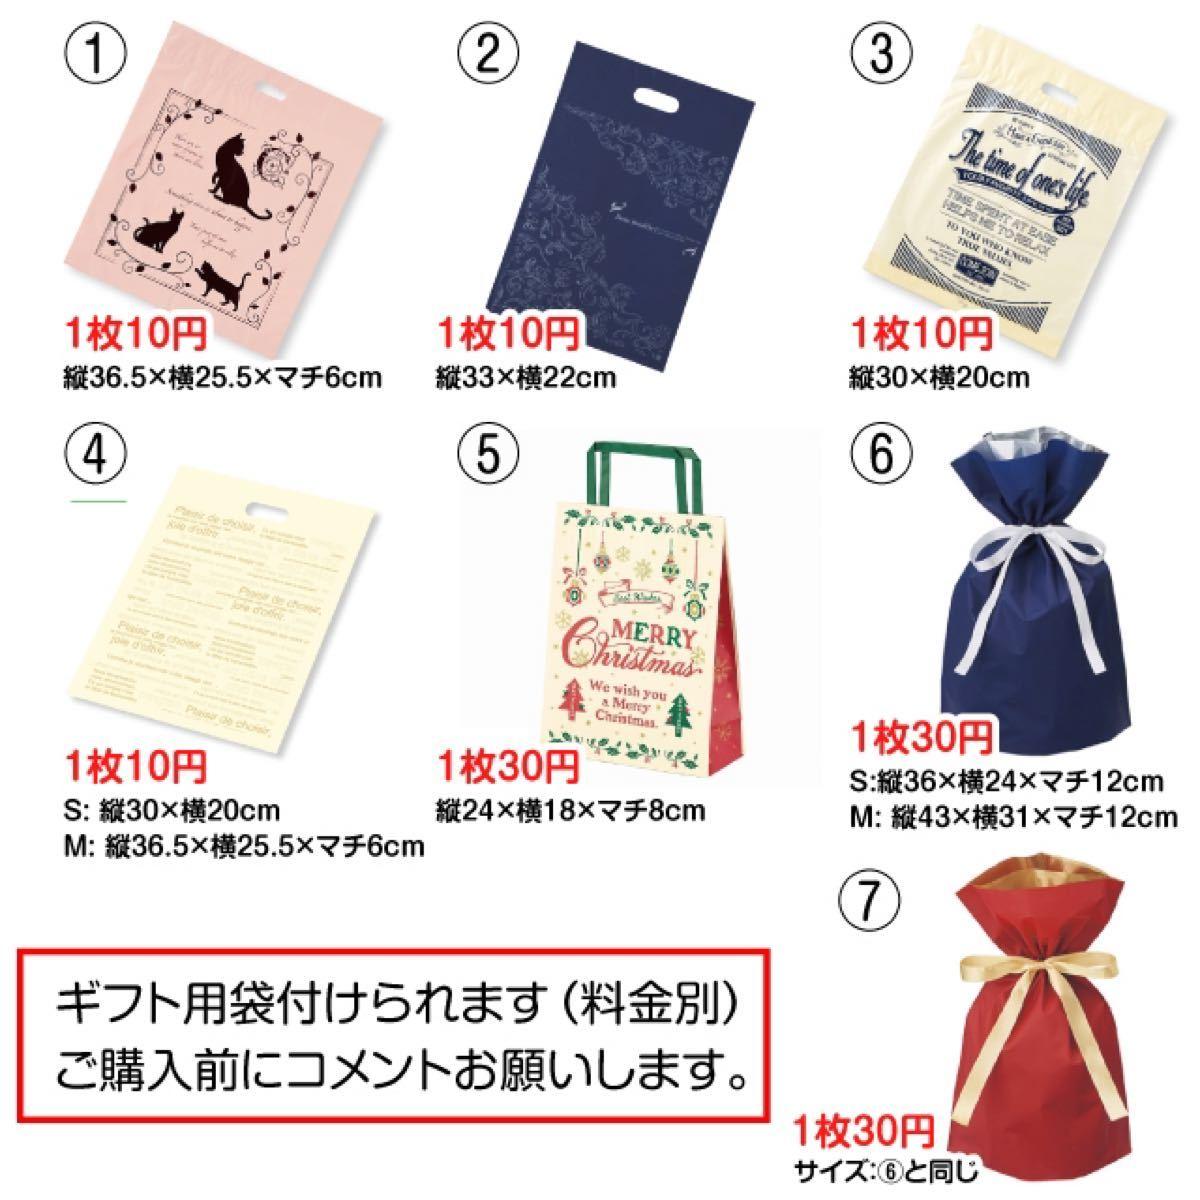 【ギフト対応】鬼退治 トートバッグ 蝶 蟲 習い事 プレゼント エコバッグ